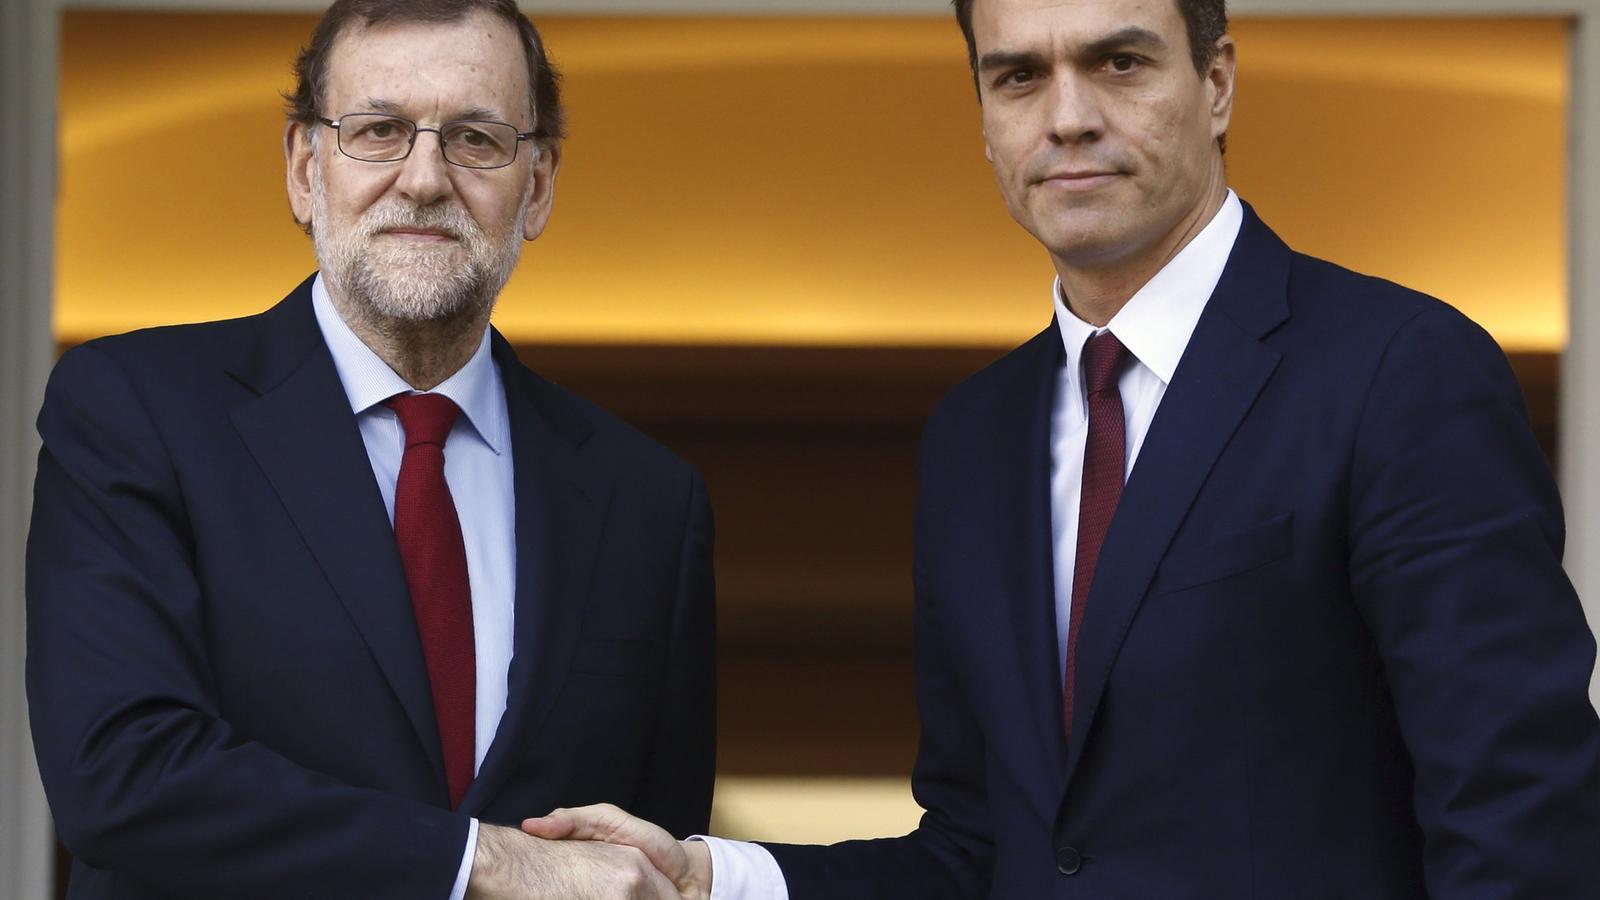 El president del govern espanyol en funcions, Mariano Rajoy, i el líder del PSOE, Pedro Sánchez, es reuneixen aquest dimecres a la Moncloa / EFE